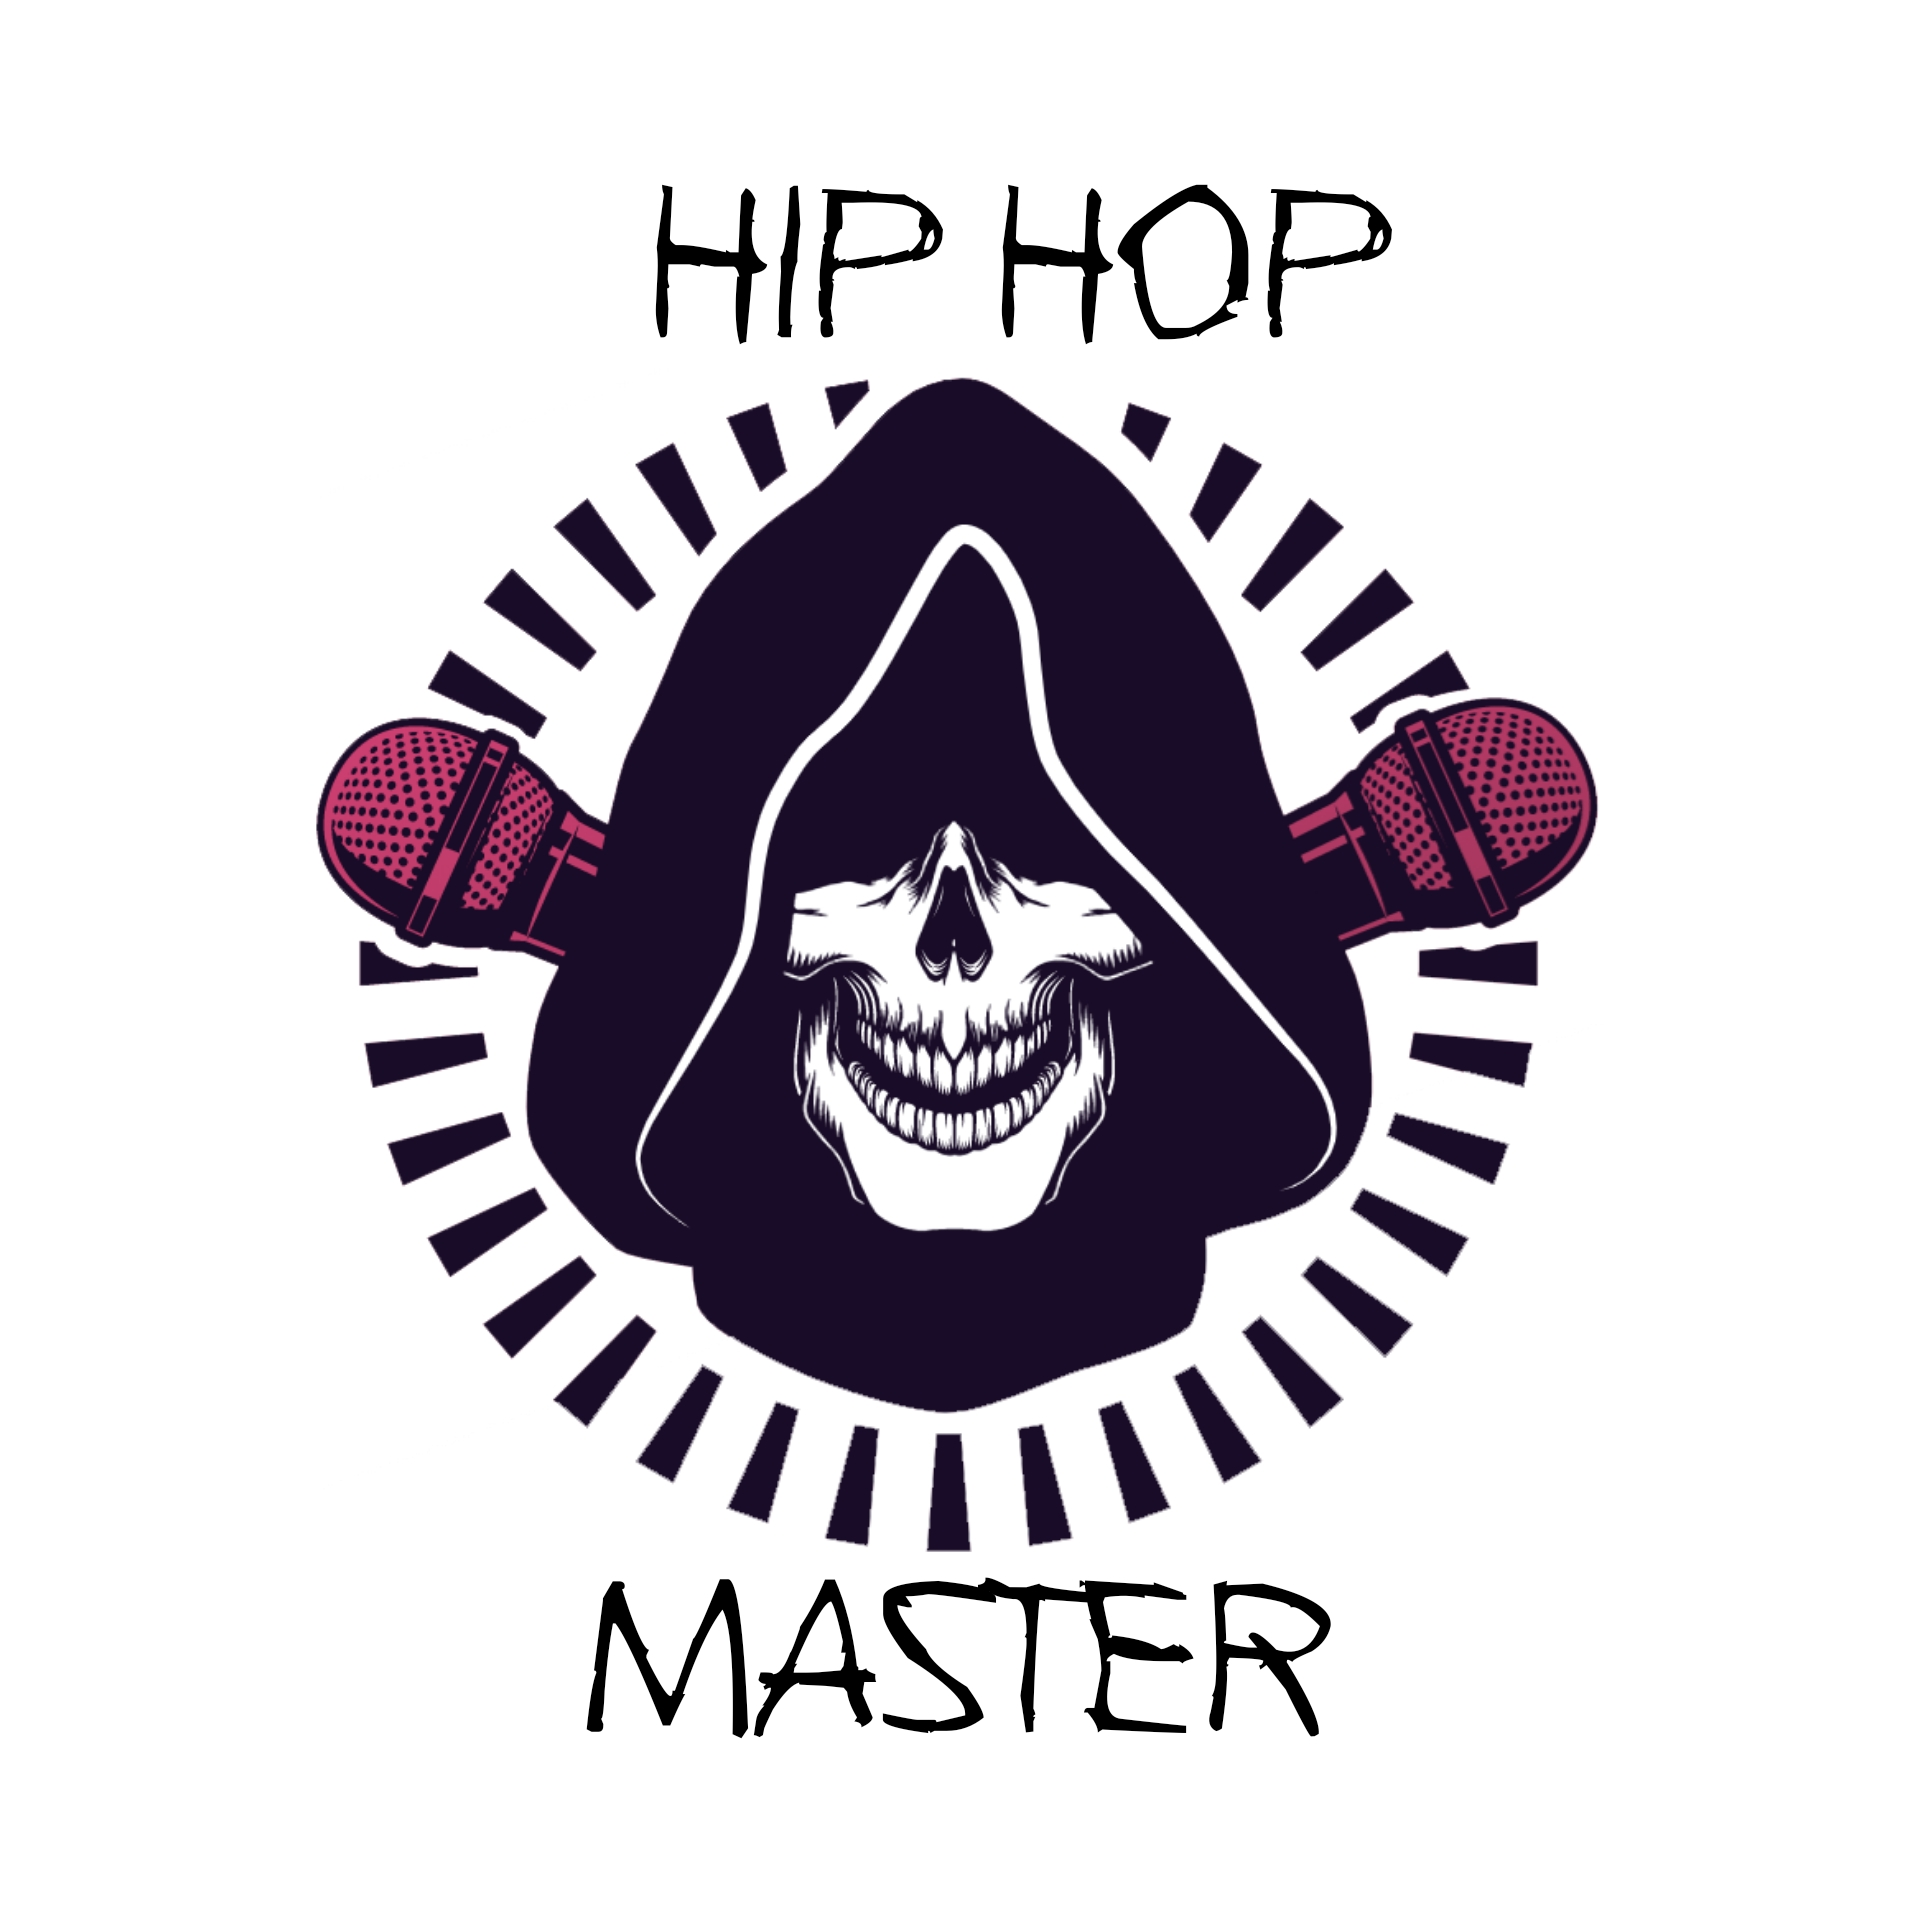 HipHop Master